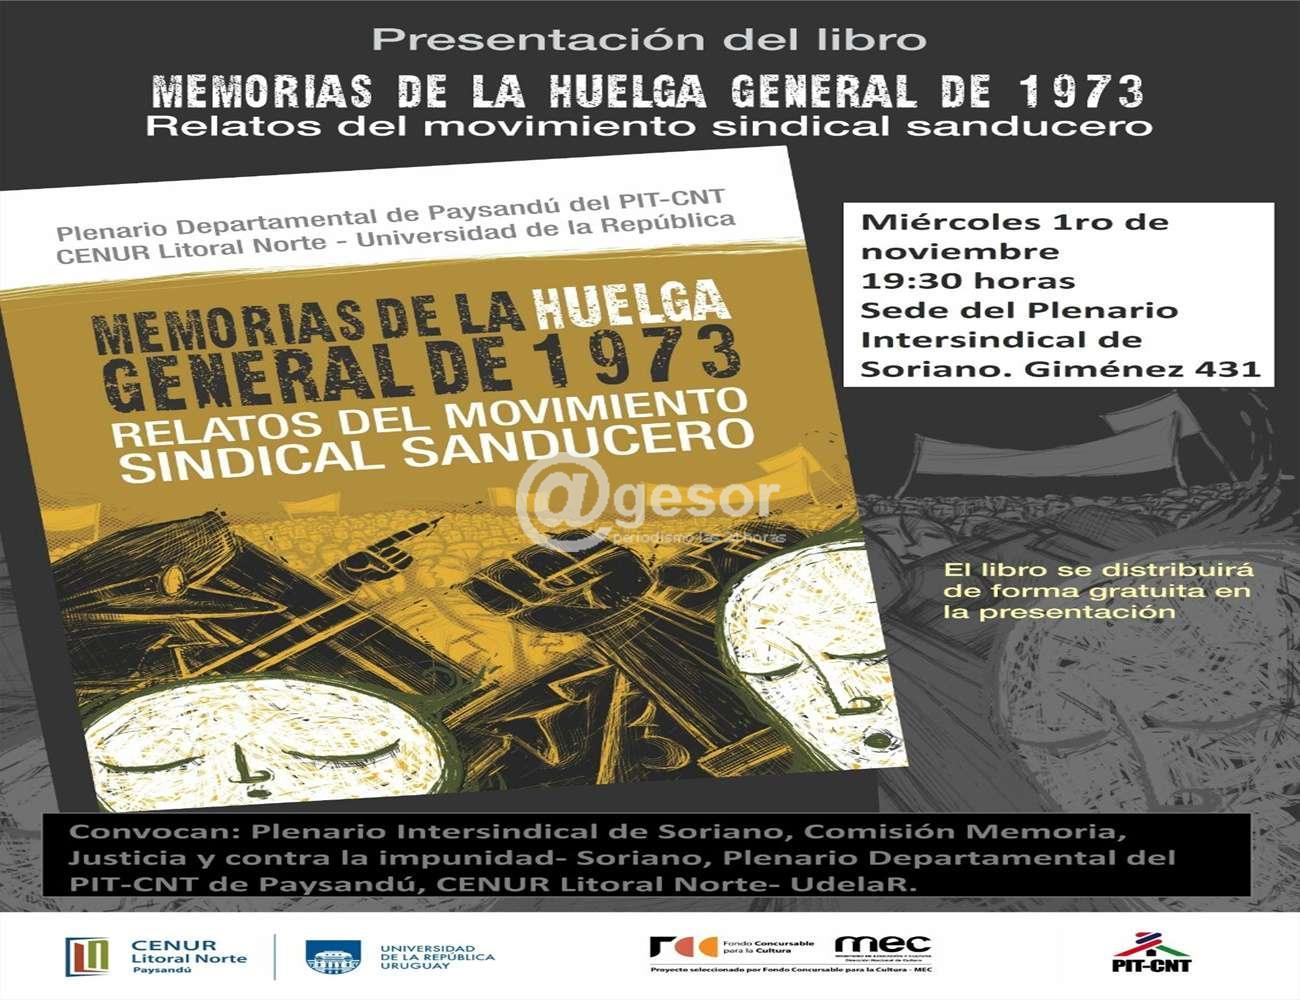 Presentarán el libro que recoge testimonios de la Huelga General de 1973 desde la visión del movimiento sindical sanducero.